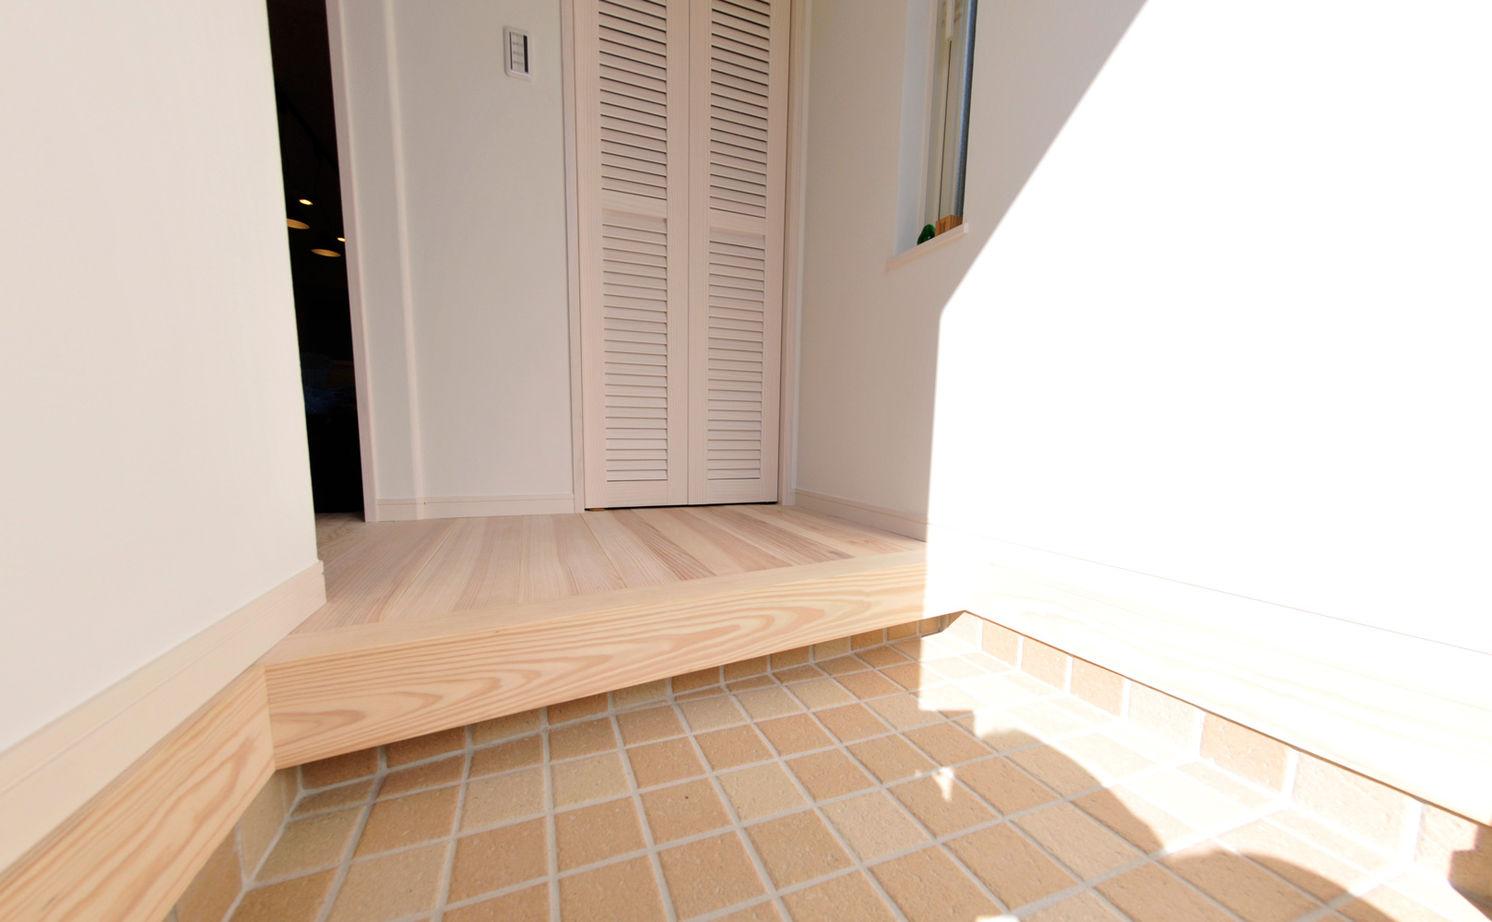 【1500万円台】細長い敷地で明るく暮らす 海をイメージした癒しの木の家画像3